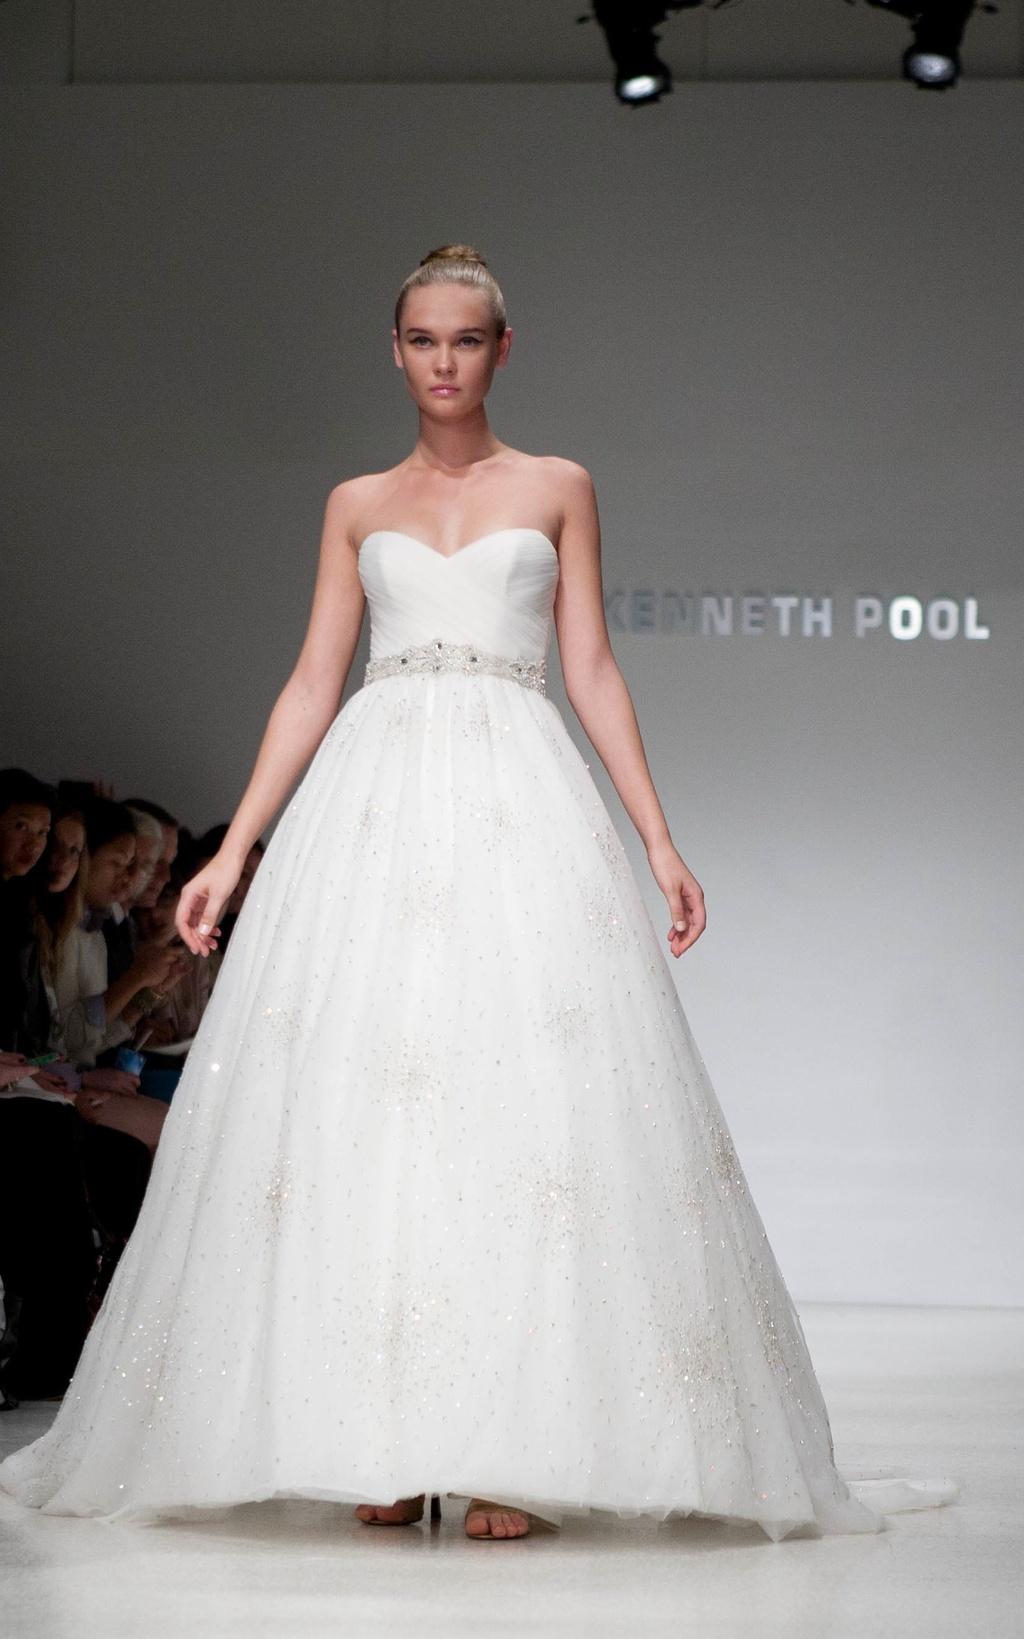 Kenneth-pool-winter-wedding-dress.full